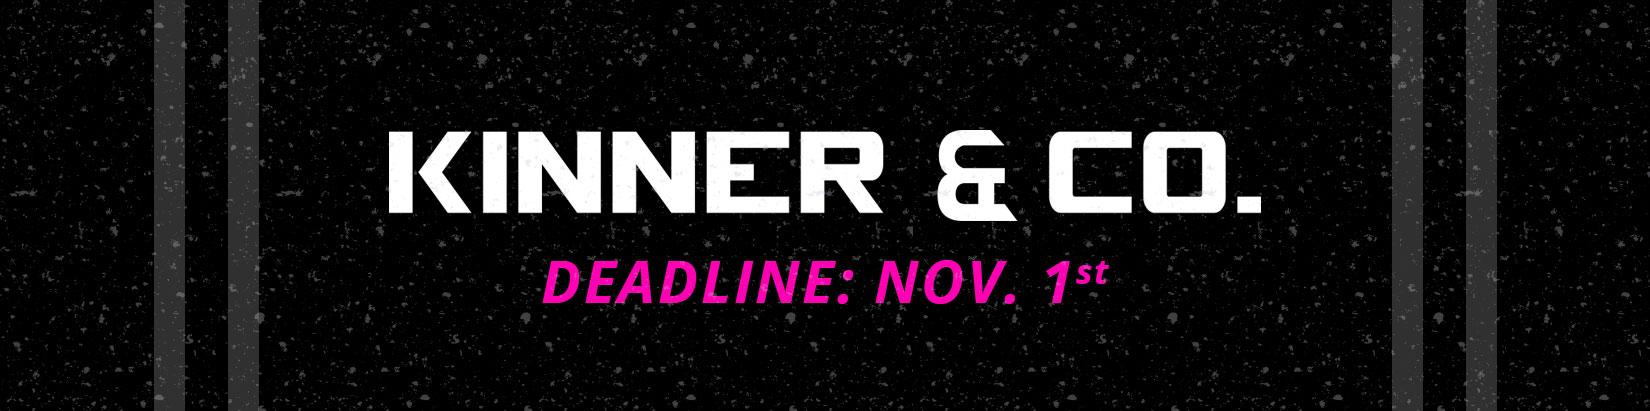 Kinner & Co